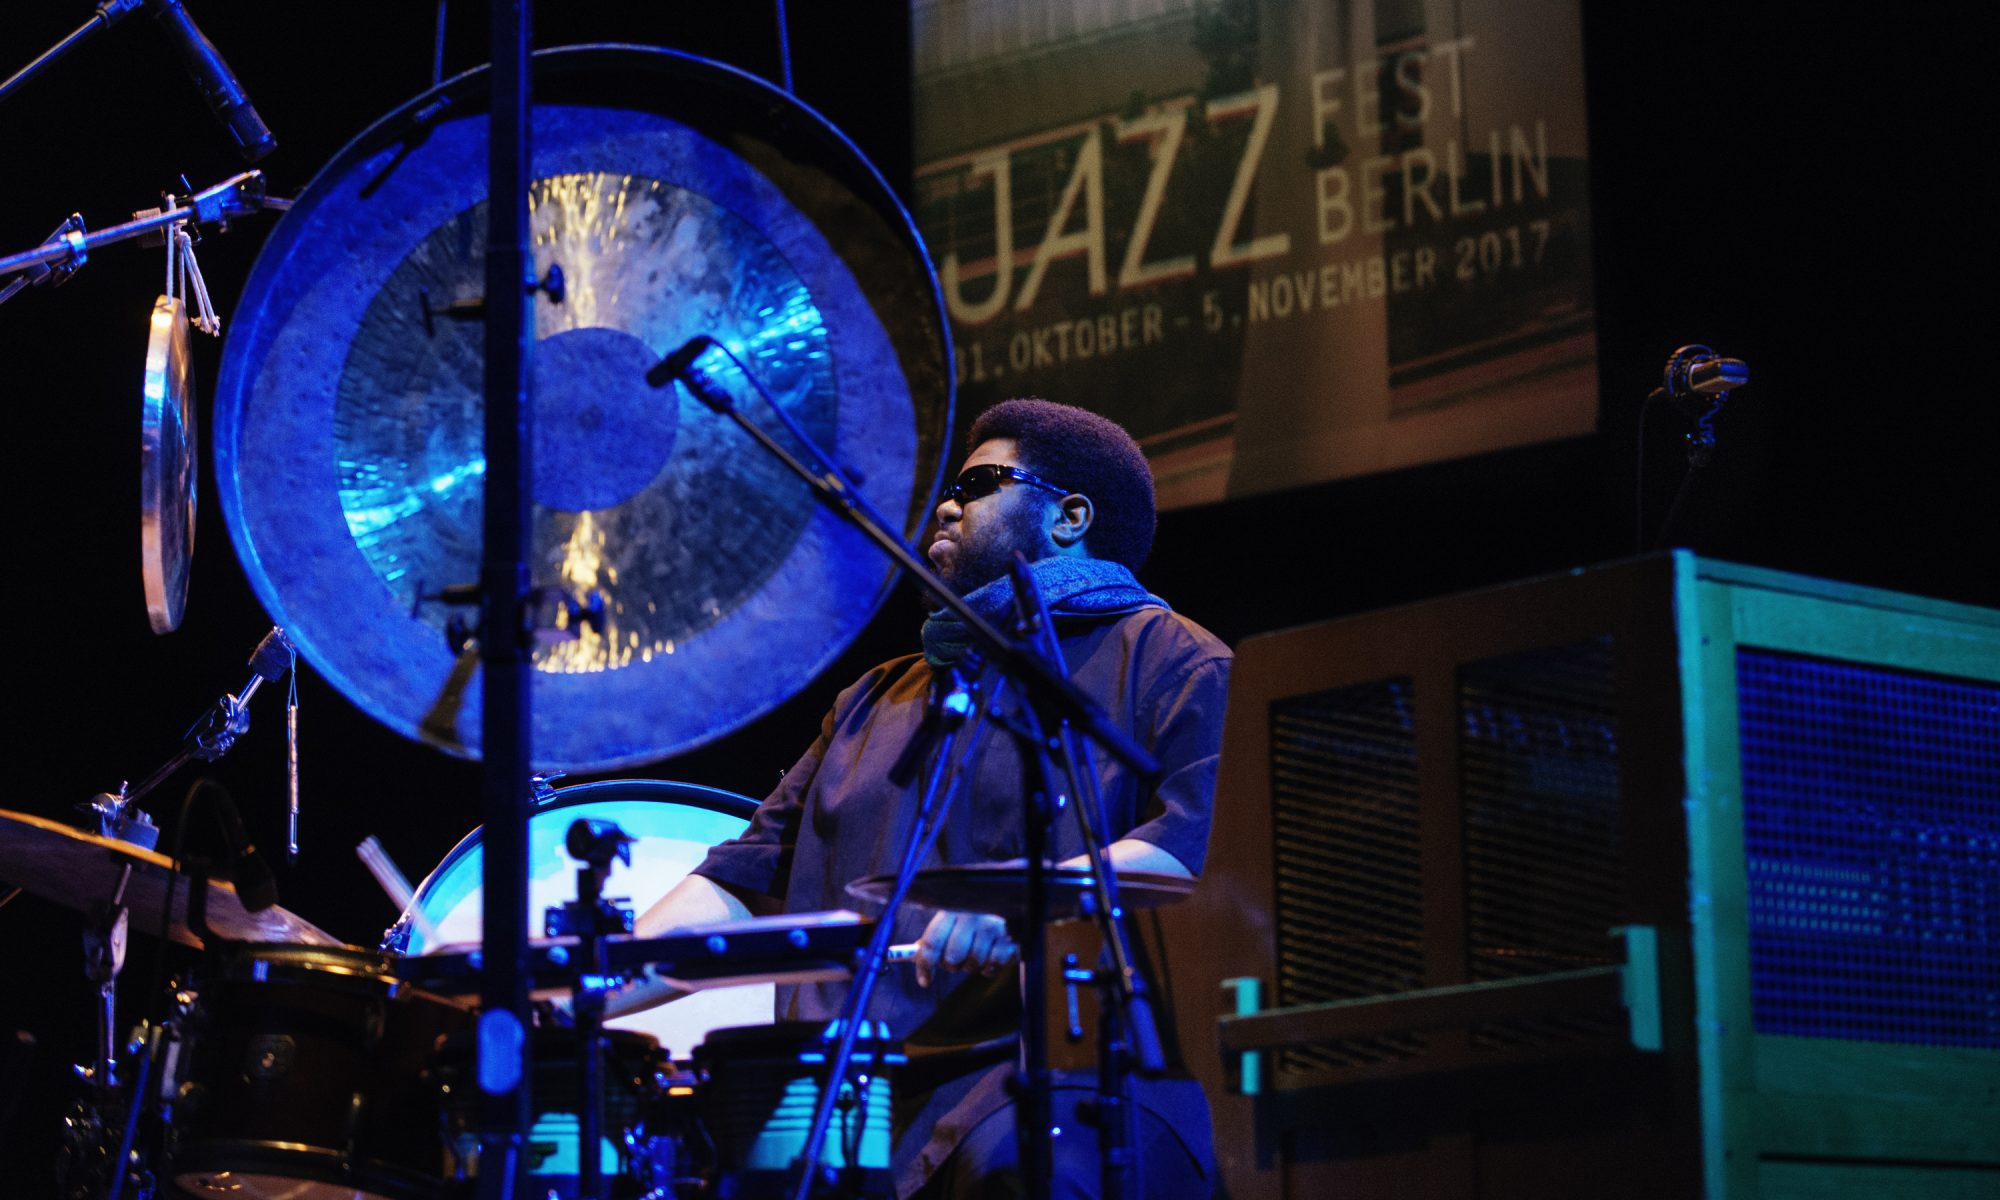 gesang im jazz